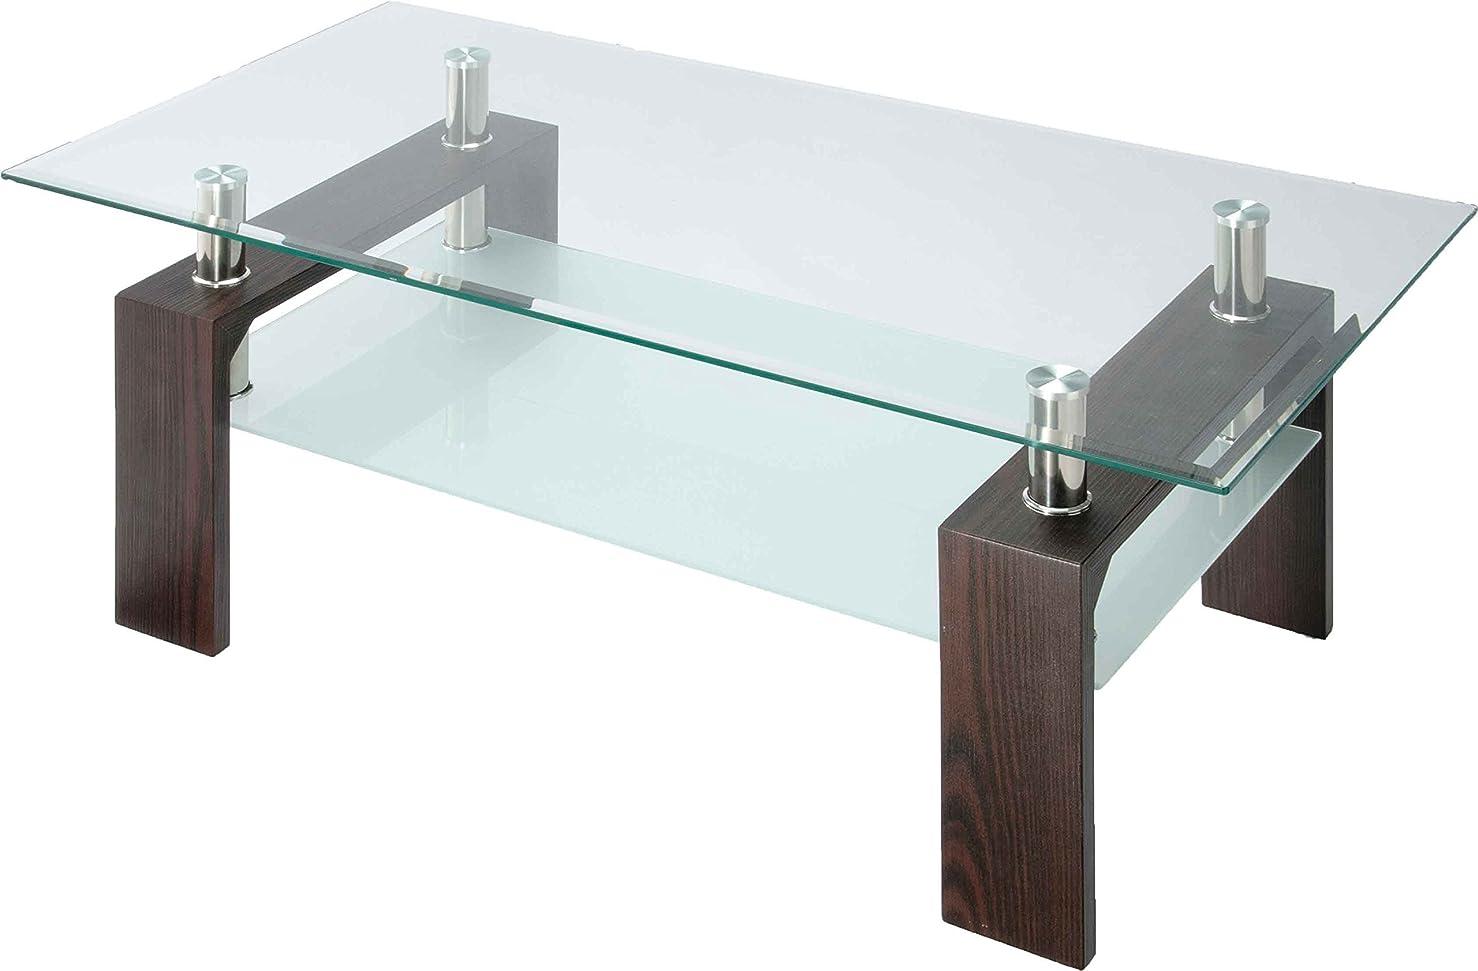 モート隣接する承認モダン ガラス リビングテーブル 幅96cm 8mm厚 天板 センターテーブル ローテーブル 応接セット 施設 ロビー カフェテーブル ソファテーブル 机 収納 テーブル ディスプレイ 強度 デザイン ゴージャス ガラステーブル おしゃれ ダークブラウン VGT-100DBR